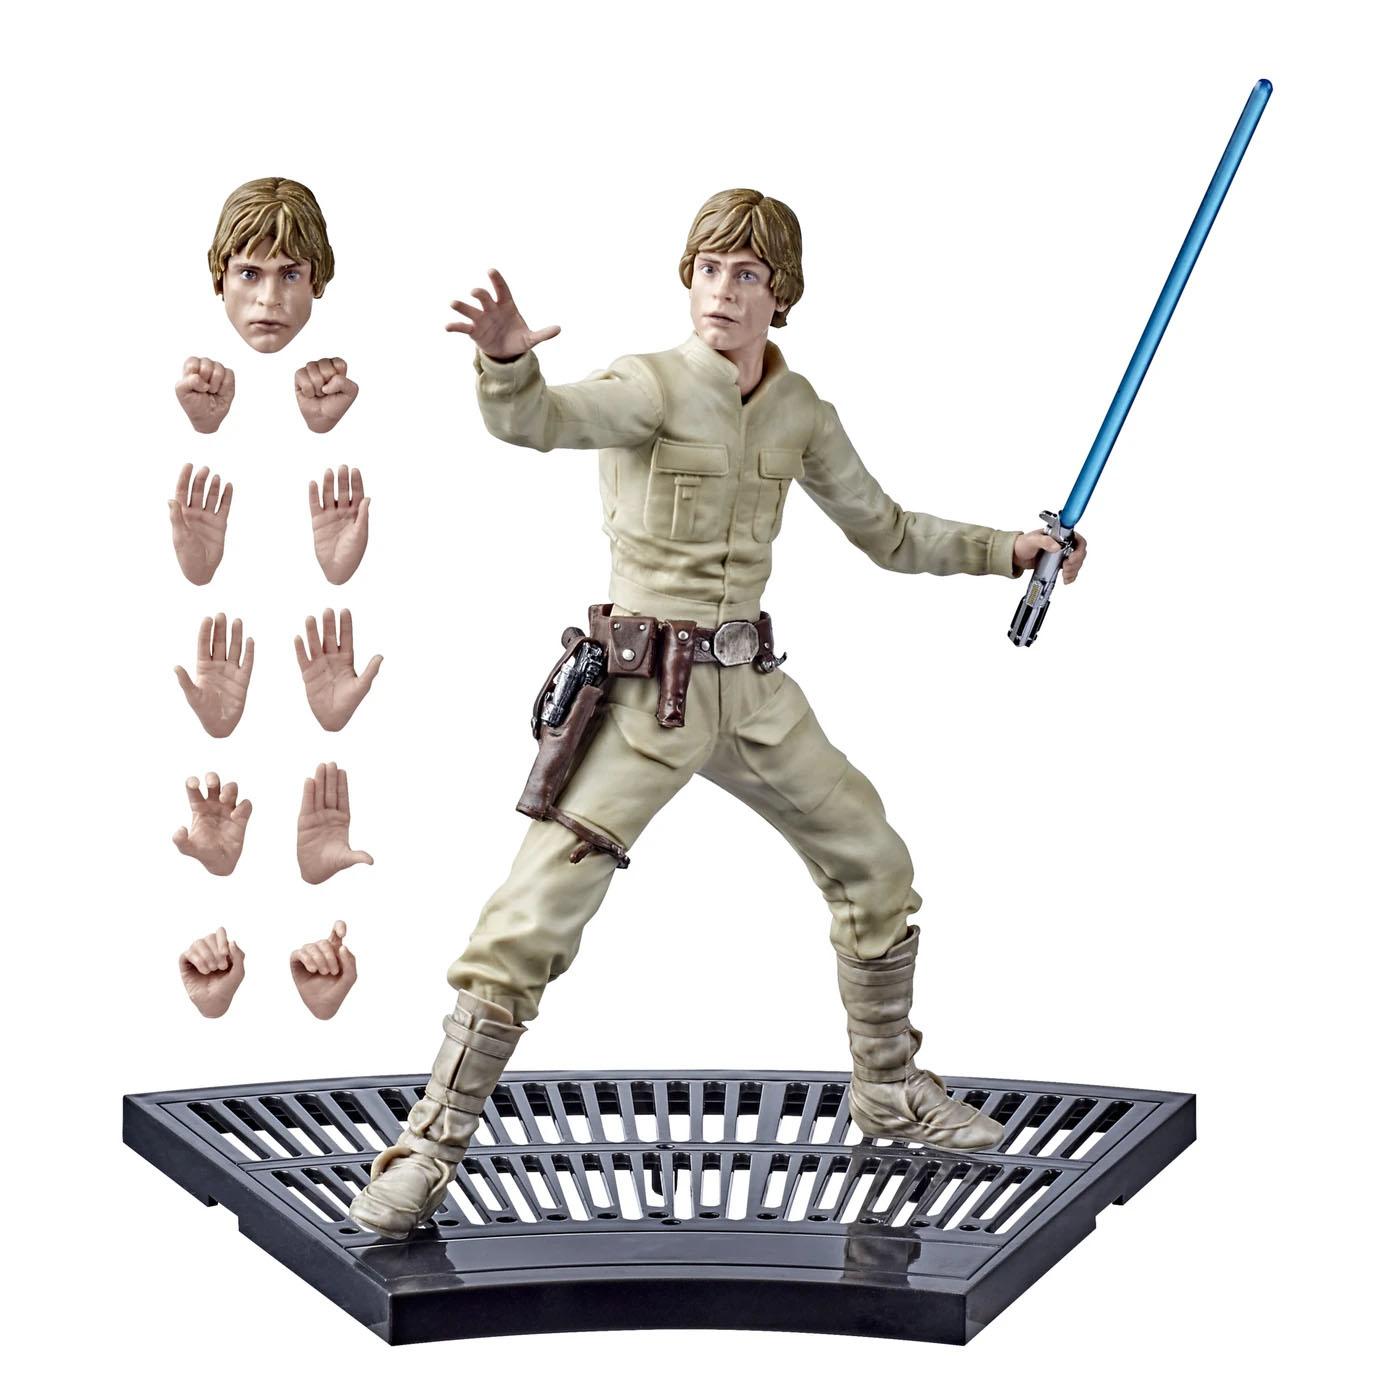 HyperReal-Luke-Skywalker-001